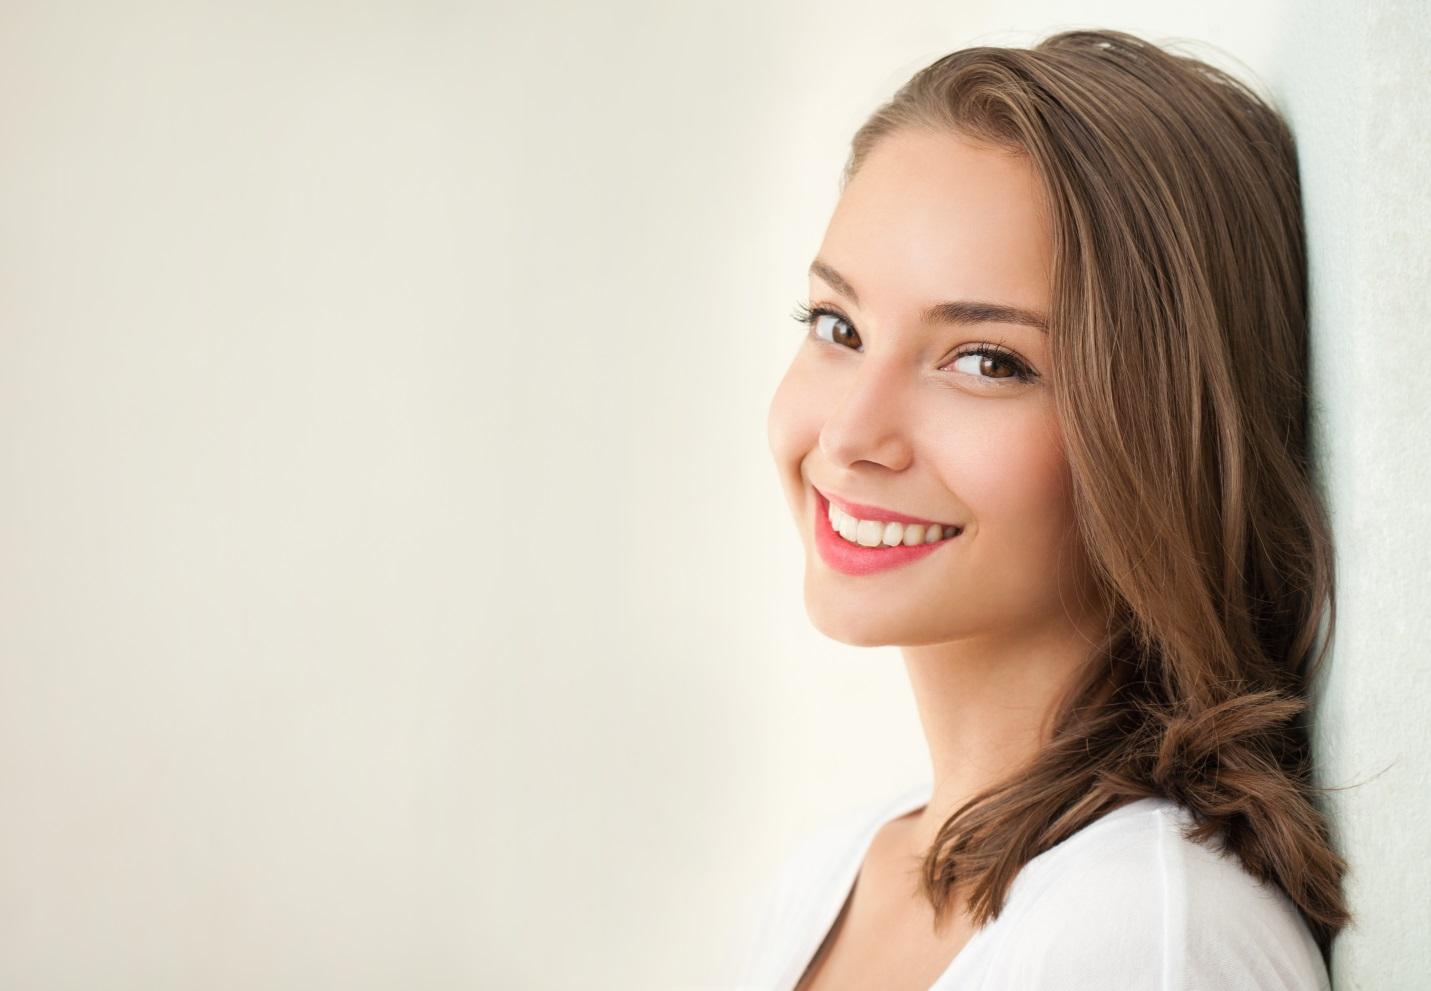 Rahasia Mencerahkan Kulit Wajah dan Tubuh dengan Efektif Biar Makin Percaya Diri. Penasaran?